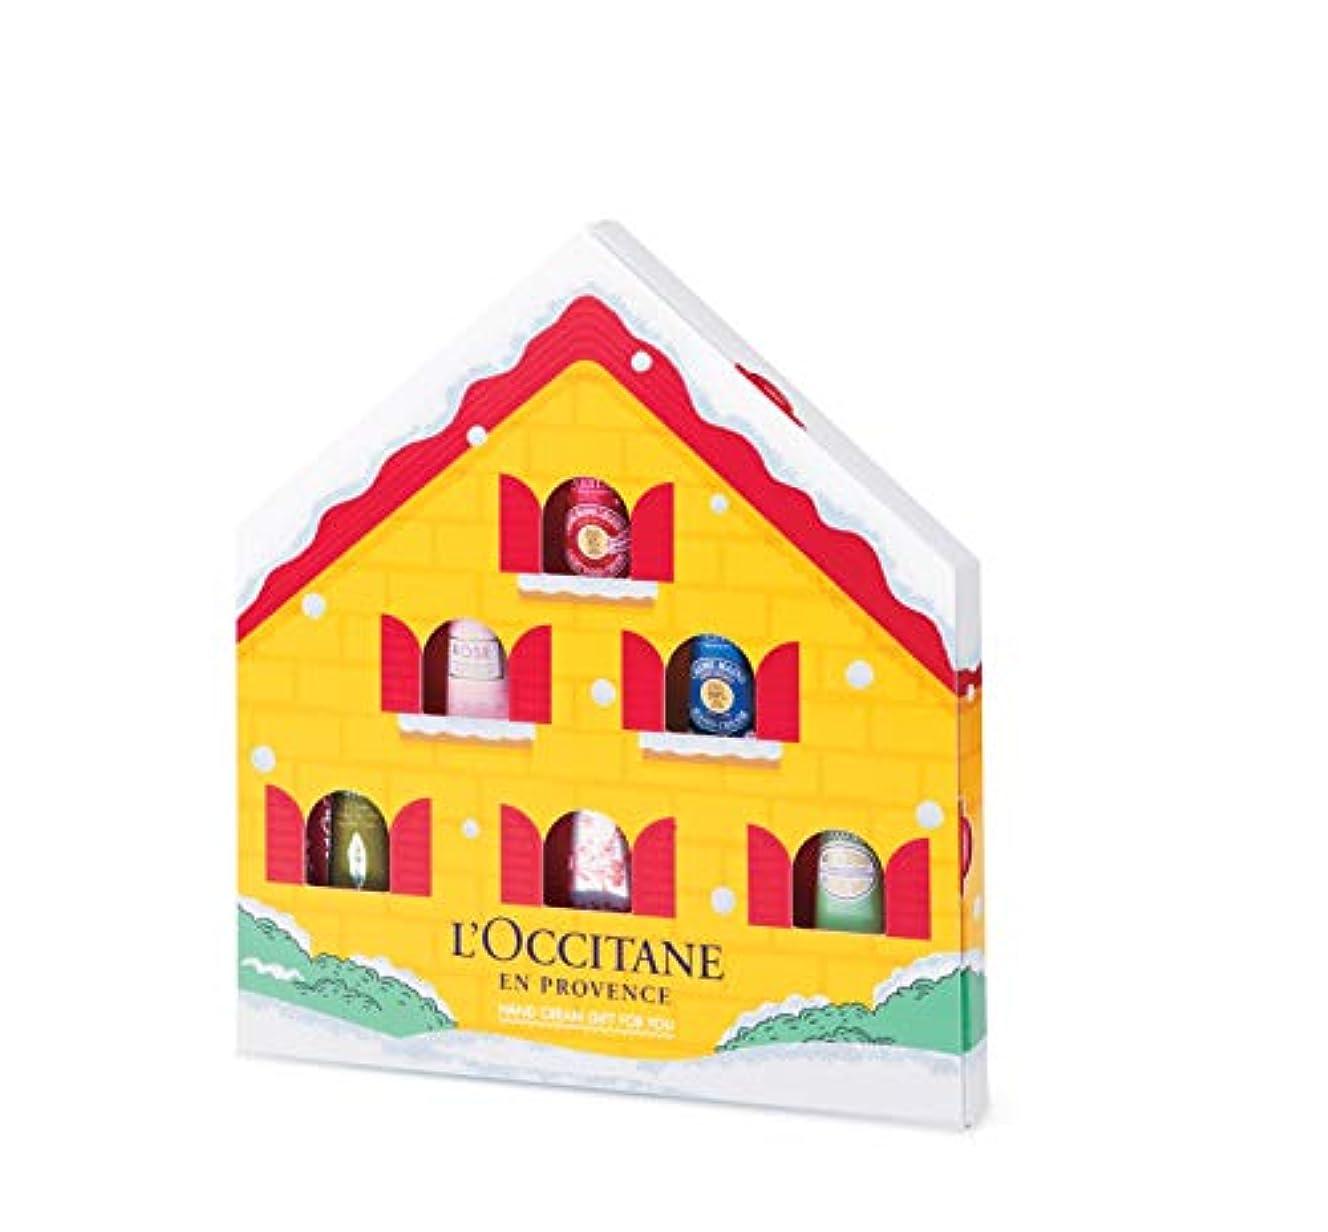 十石の雨ロクシタン(L'OCCITANE) ハンドクリーム GIFT FOR YOU(ハンドクリーム 10ml×6個) セット